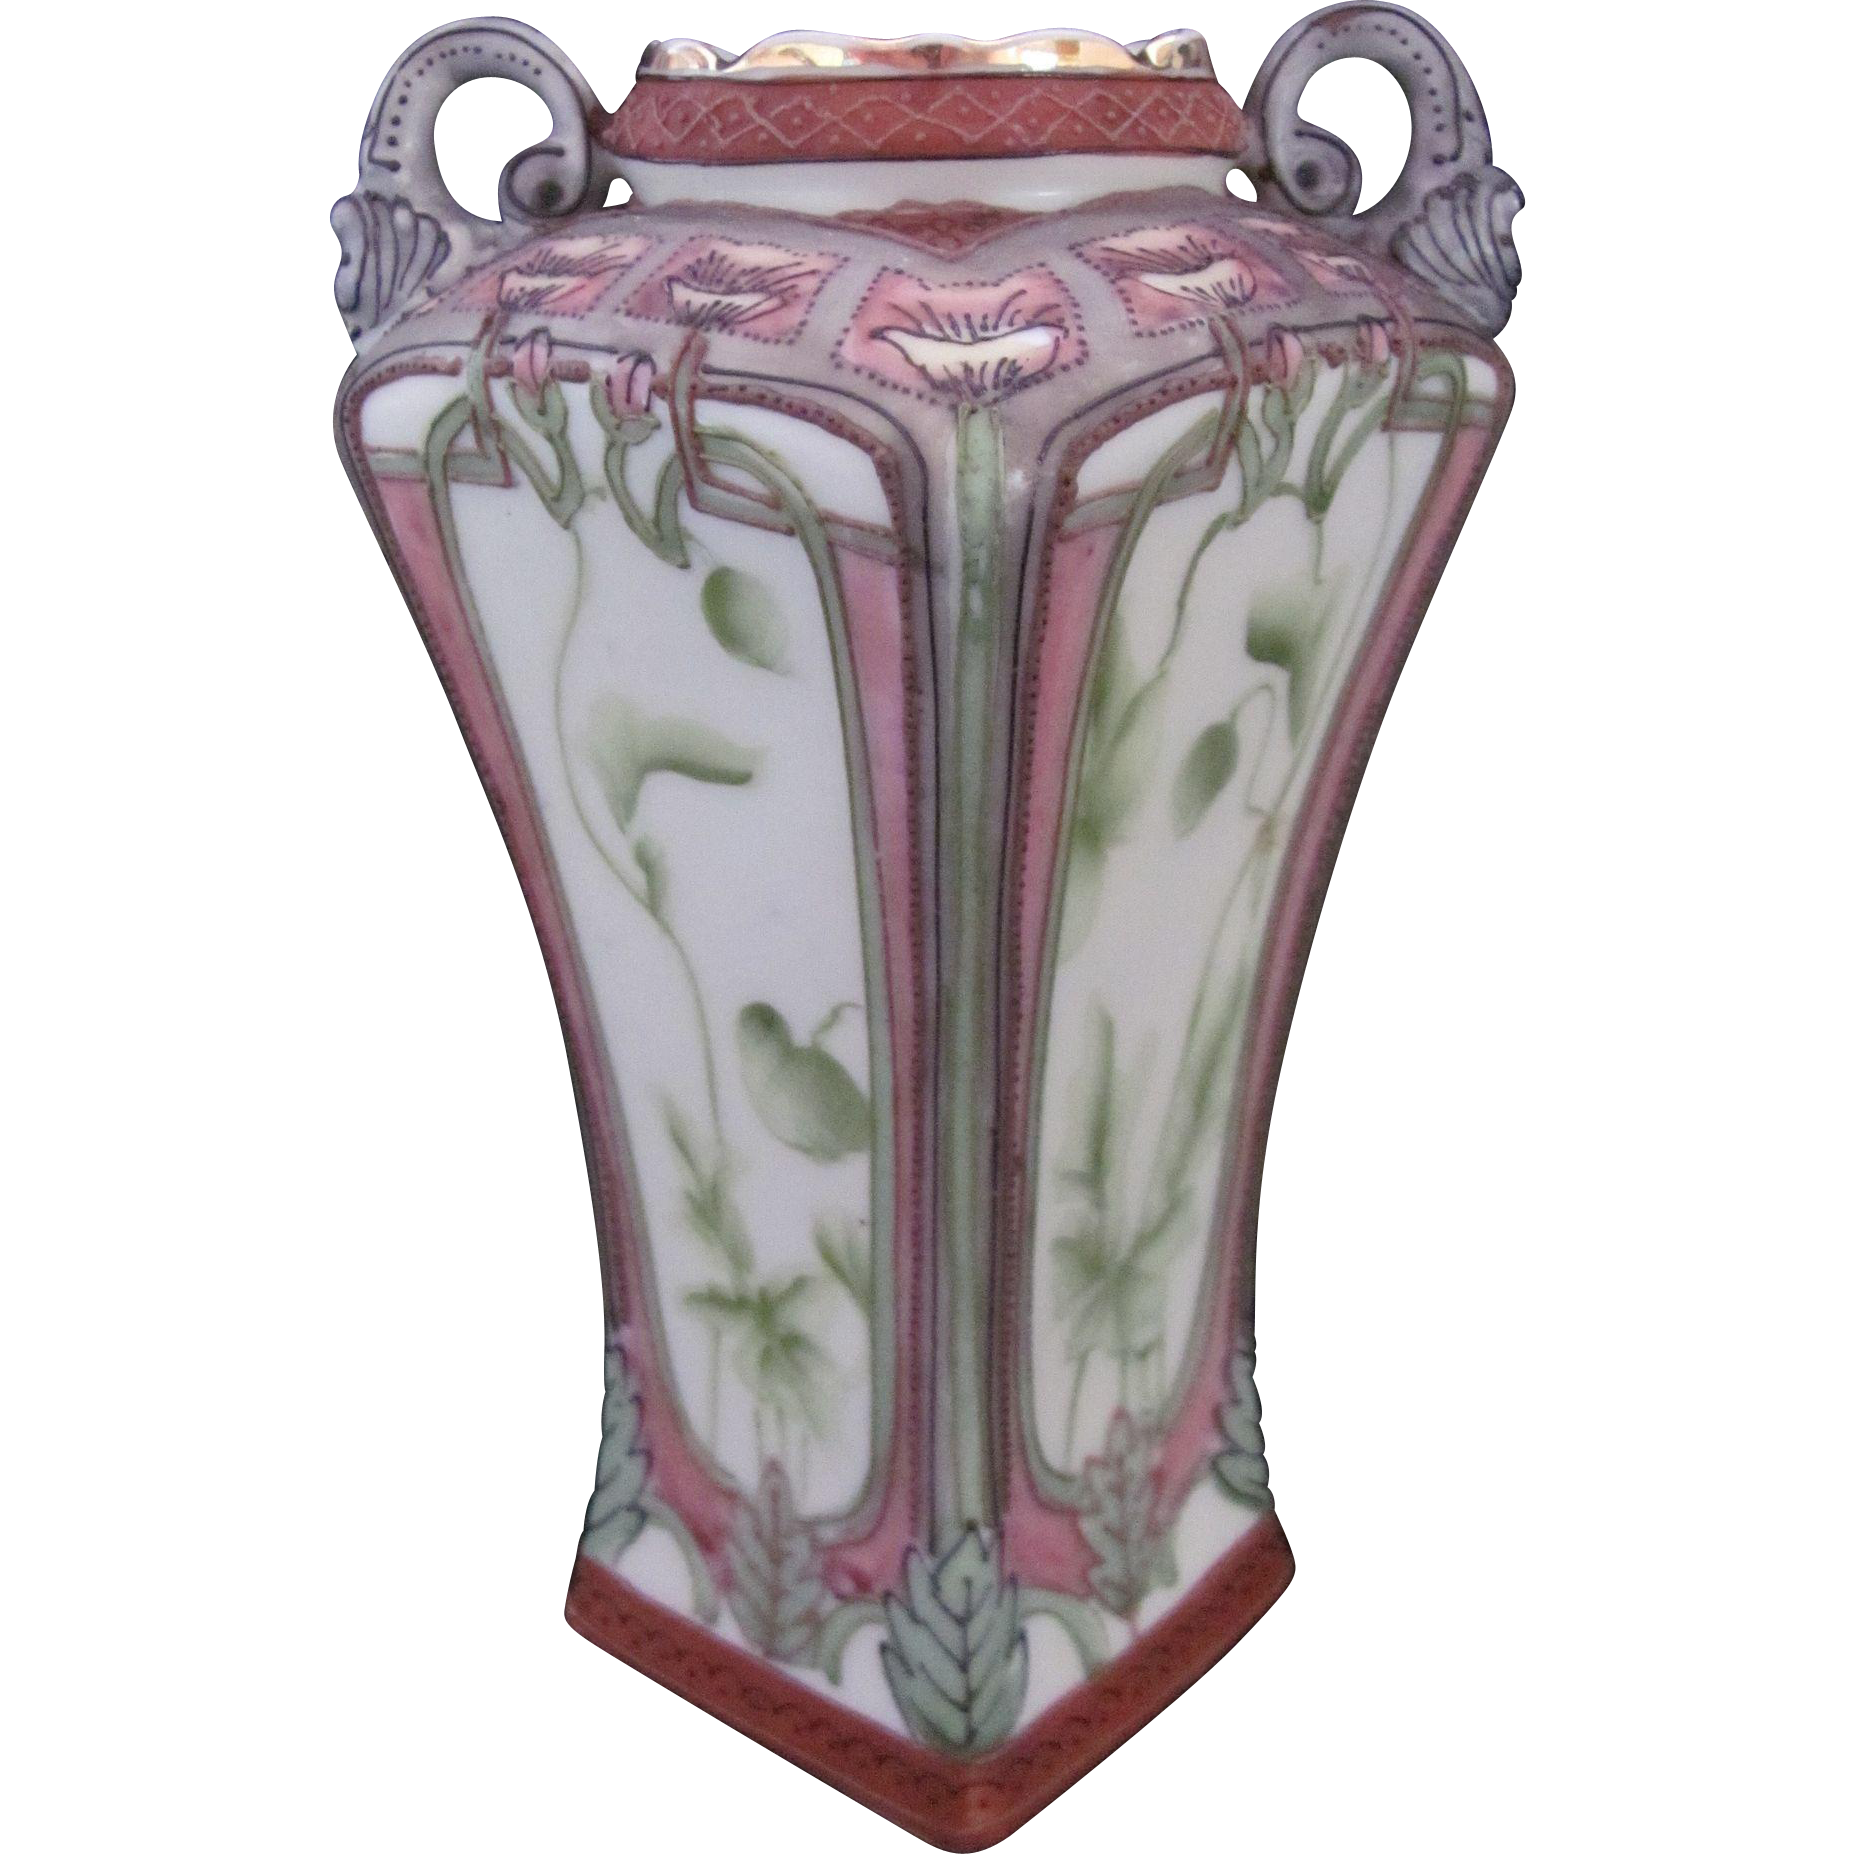 Nippon Vase Art Nouveau Maple Leaf Mark c.1891 Lotus Flowers Vines